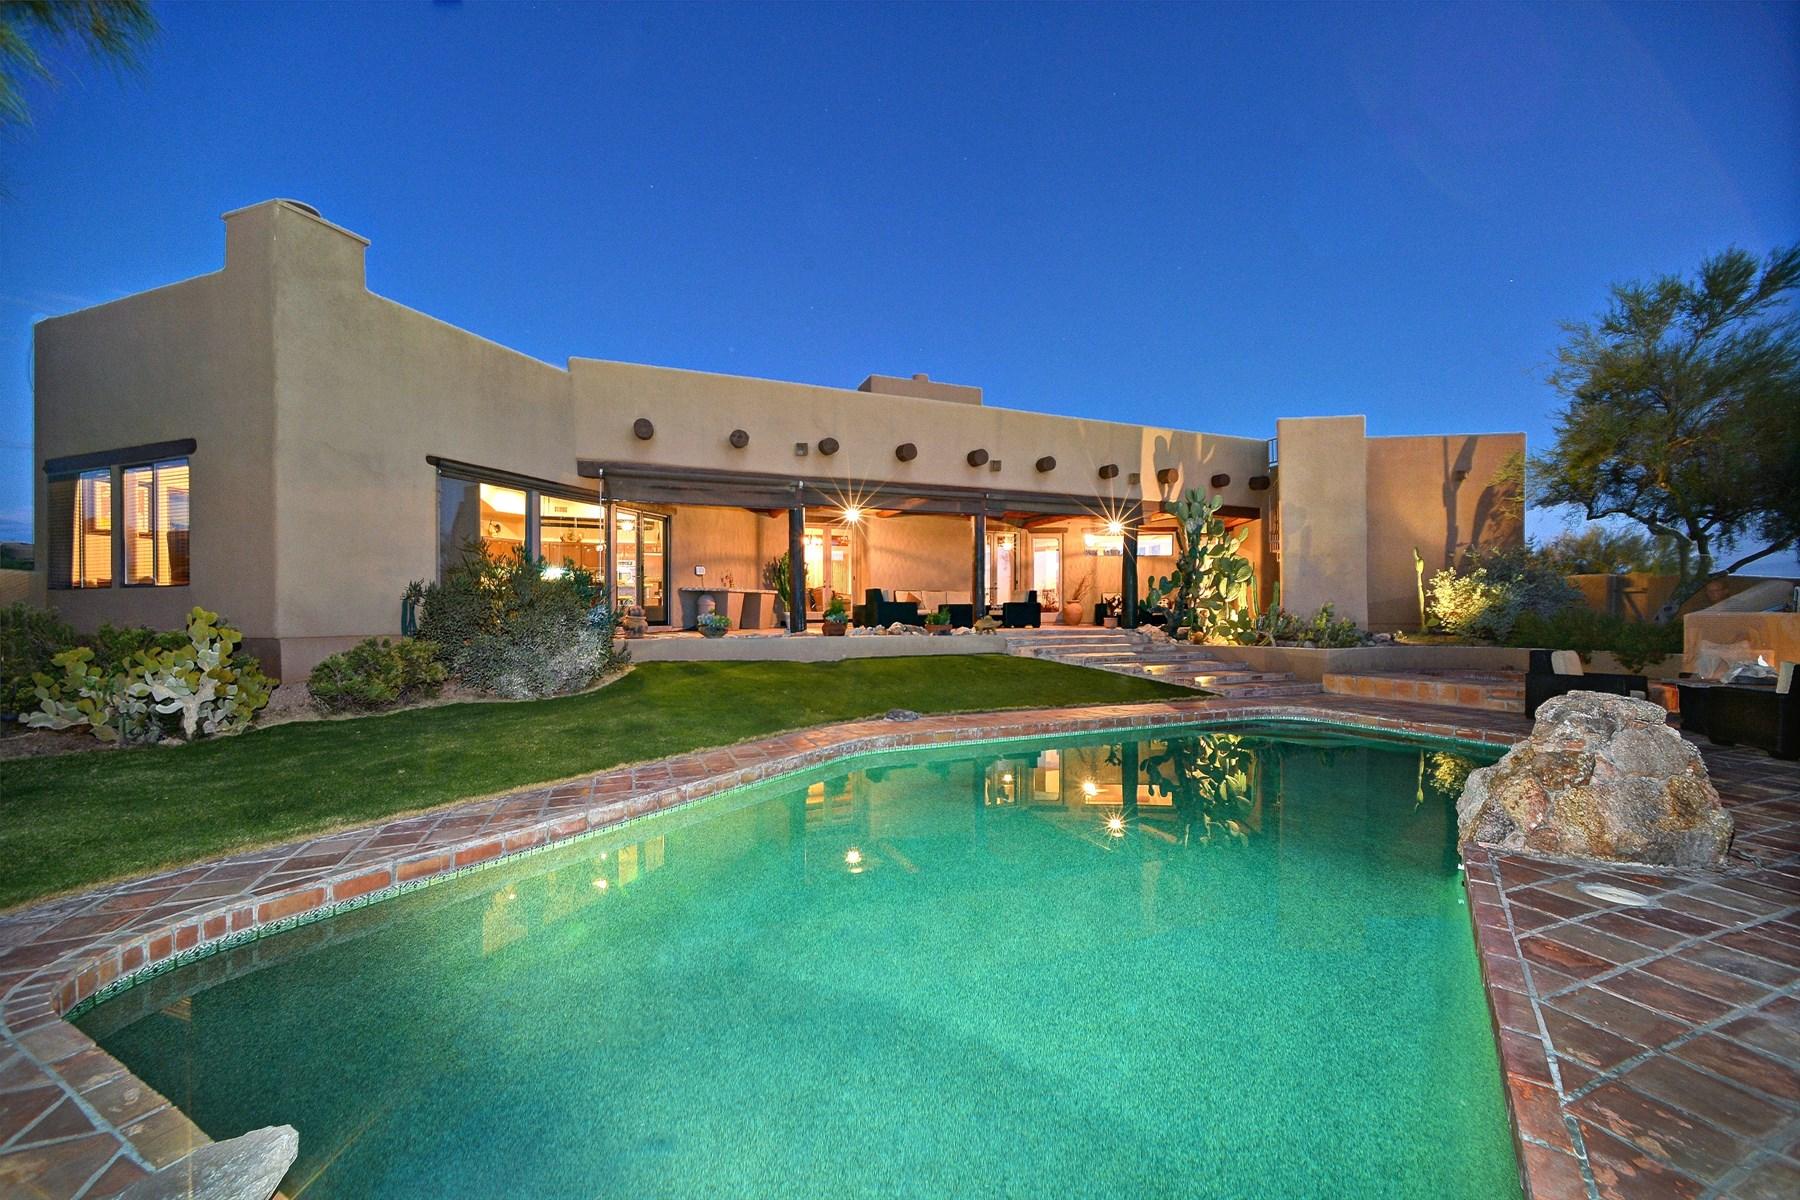 独户住宅 为 销售 在 Large Southwest Home Offers Exceptional Living Spaces In Desert Mountain 9950 E Sundance Trail Scottsdale, 亚利桑那州 85262 美国